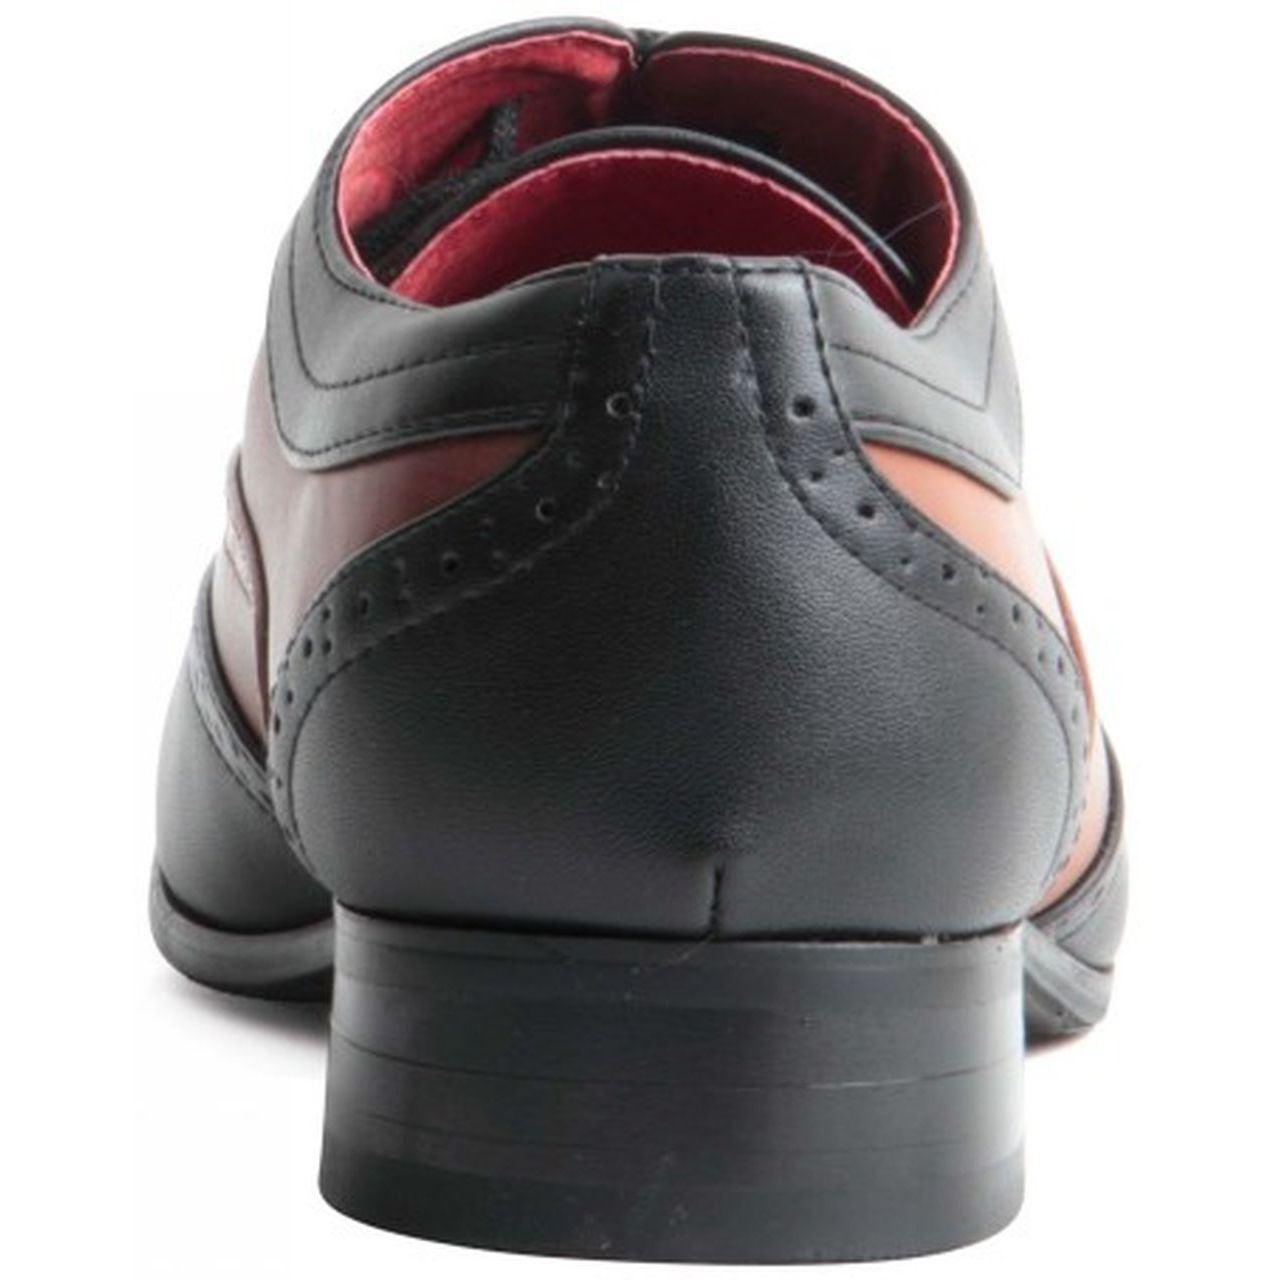 Eee Spectator Shoes Men S